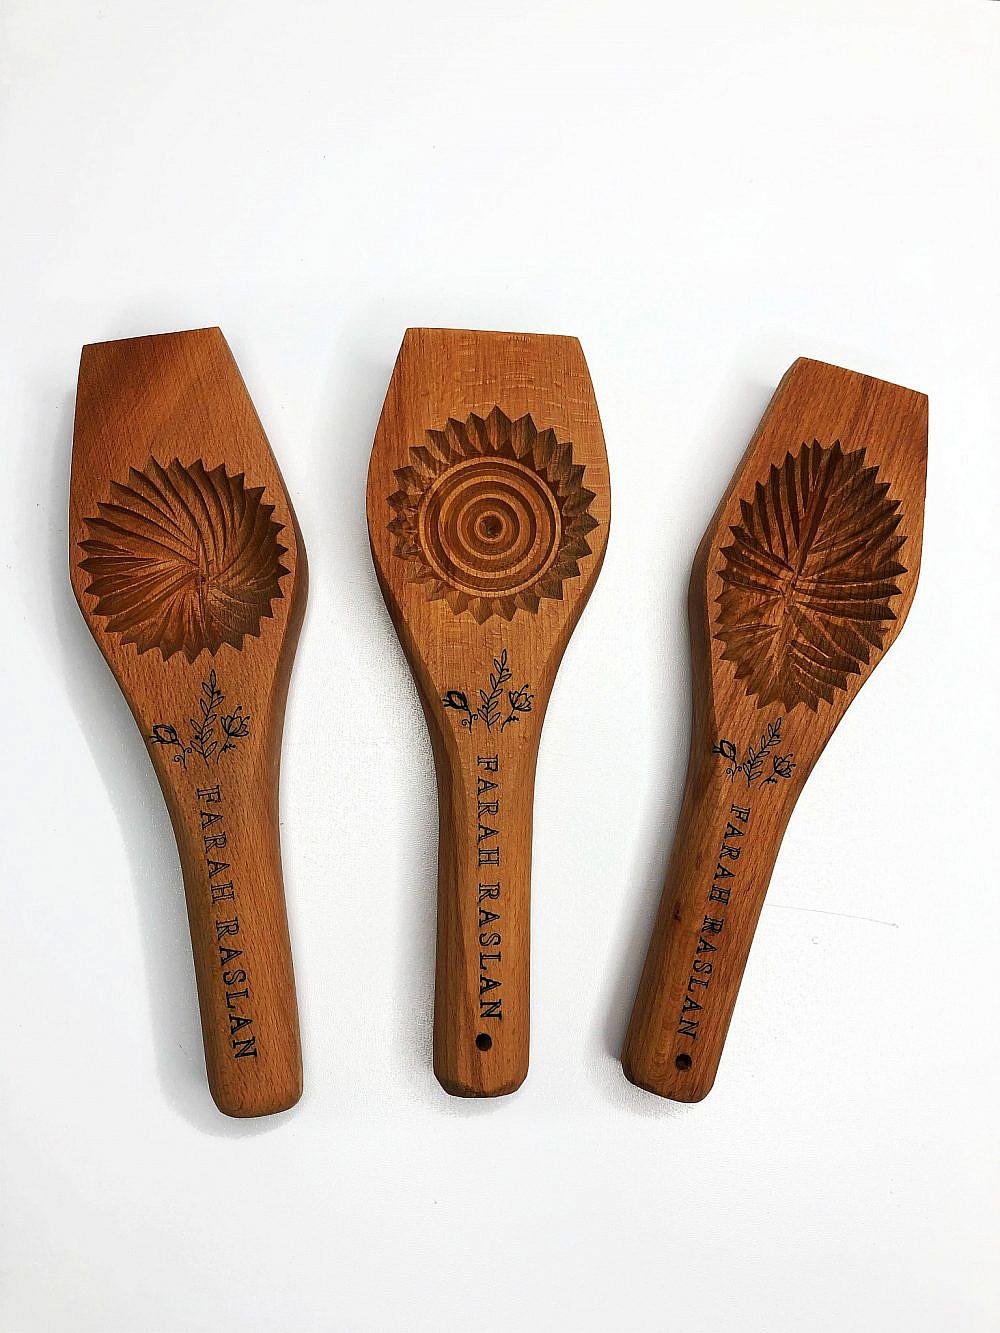 מאחורי הצורות המסורתיות מתגלה חוכמה רבה תבניות המעמול של פרח רסלאן. צילום: פרח רסלאן